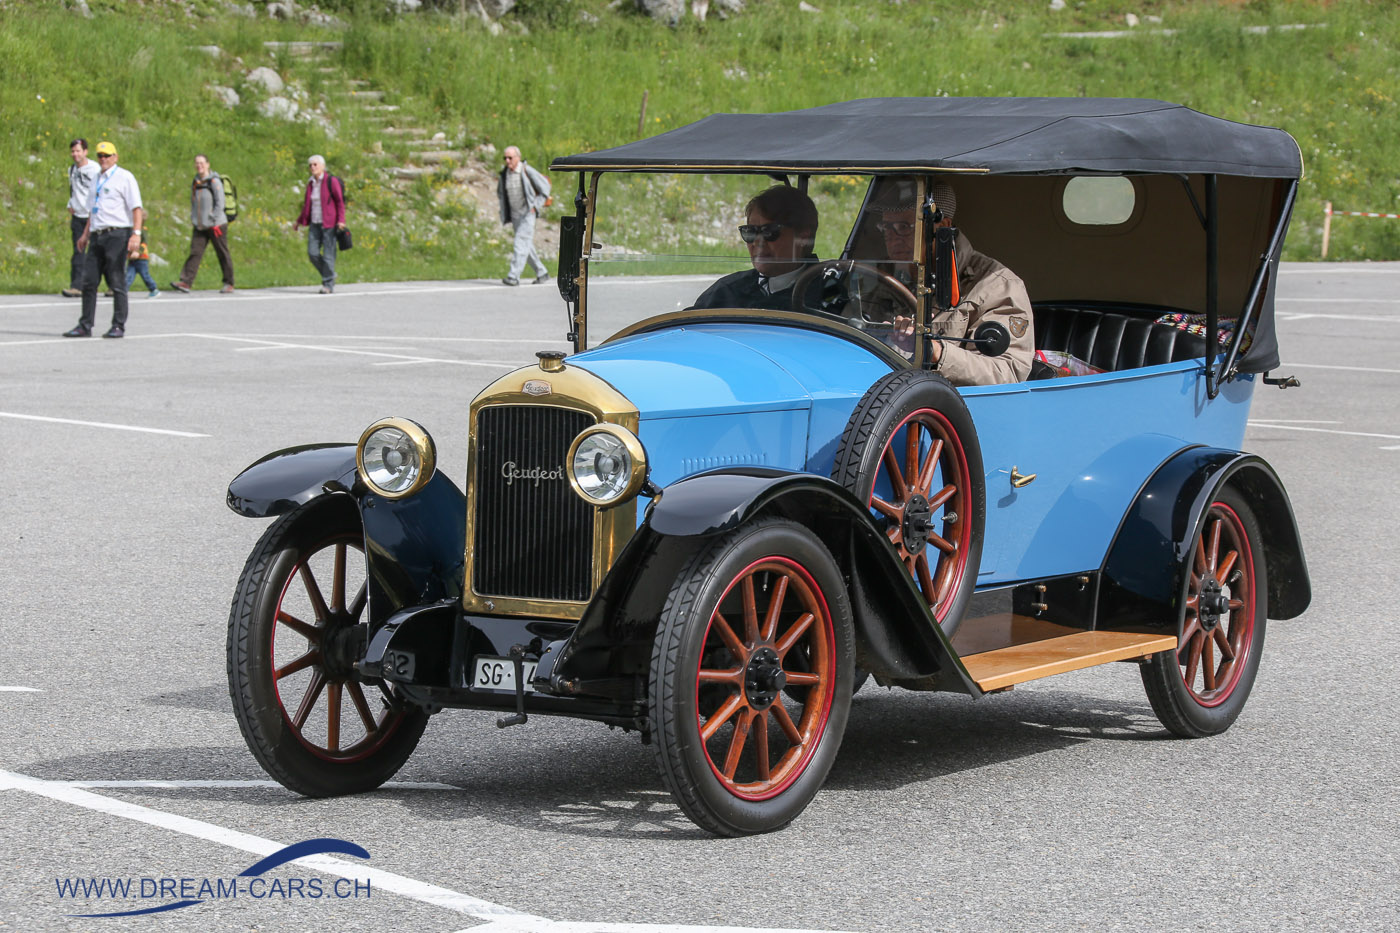 Oldtimertreff Schwägalp, 24. Juni 2018. Ein Peugeot Typ 177 aus den frühen Zwanzigerjahren